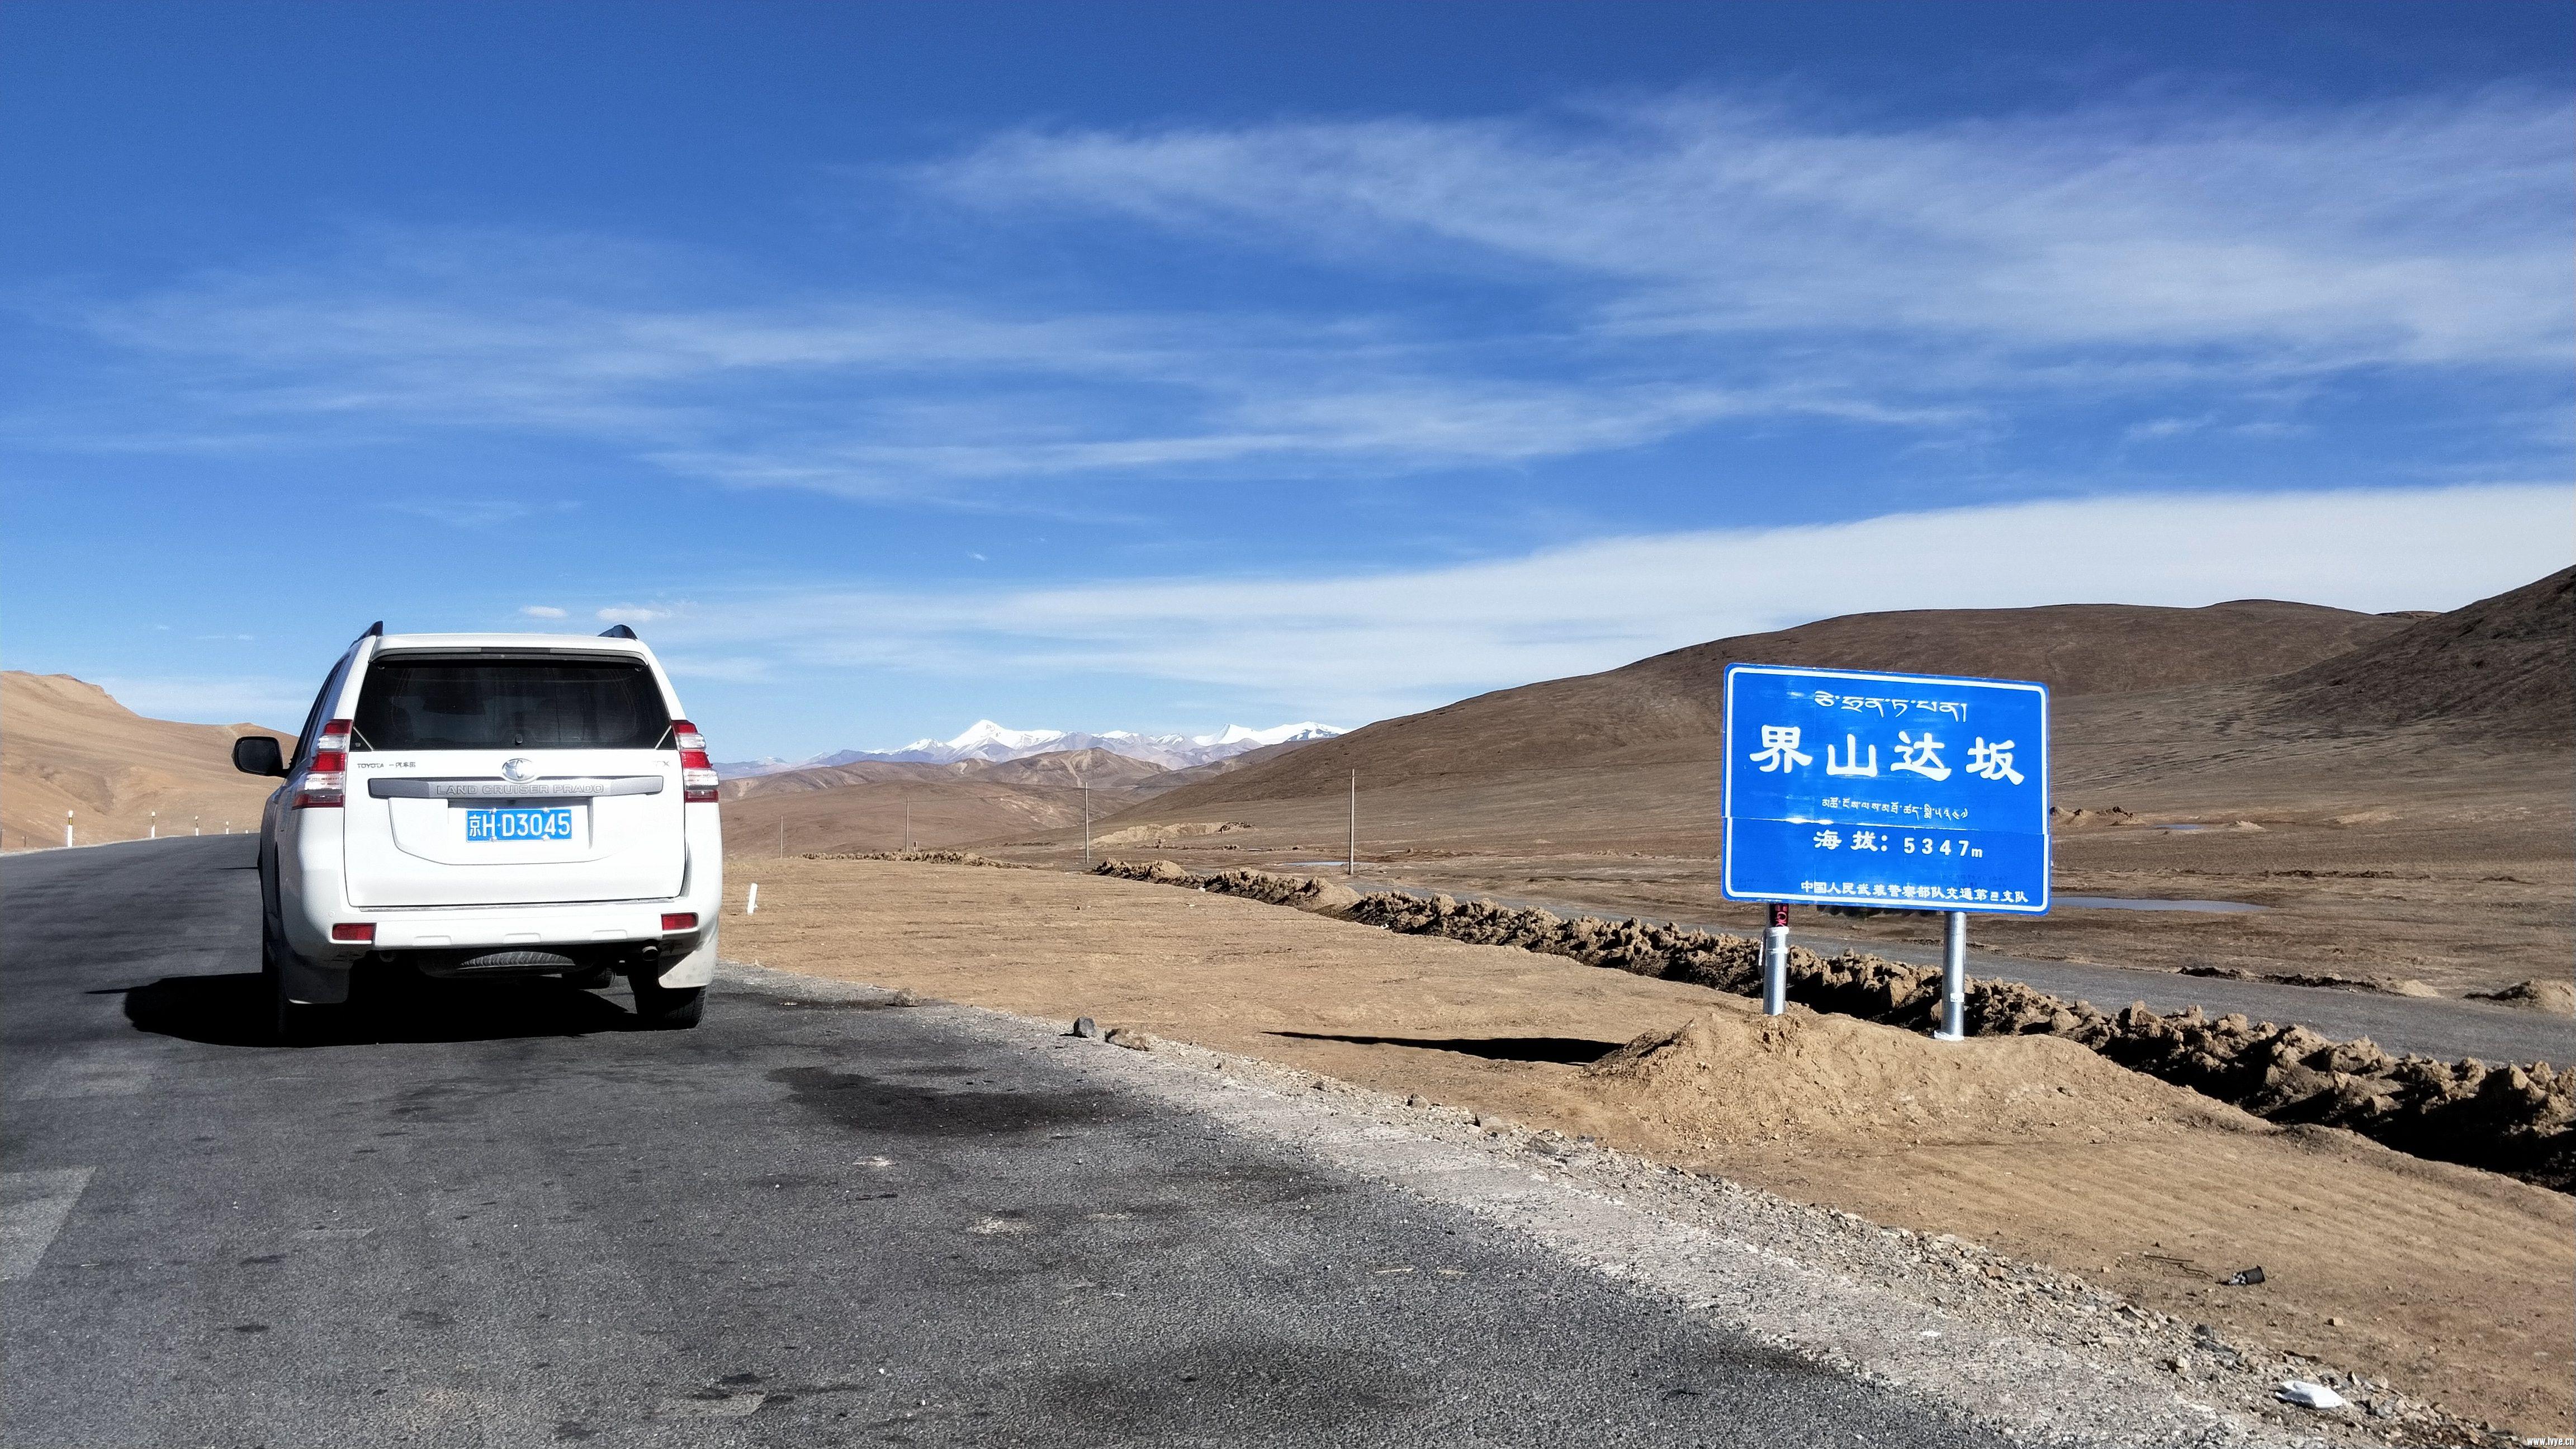 新藏线 - 西藏 (55).jpg